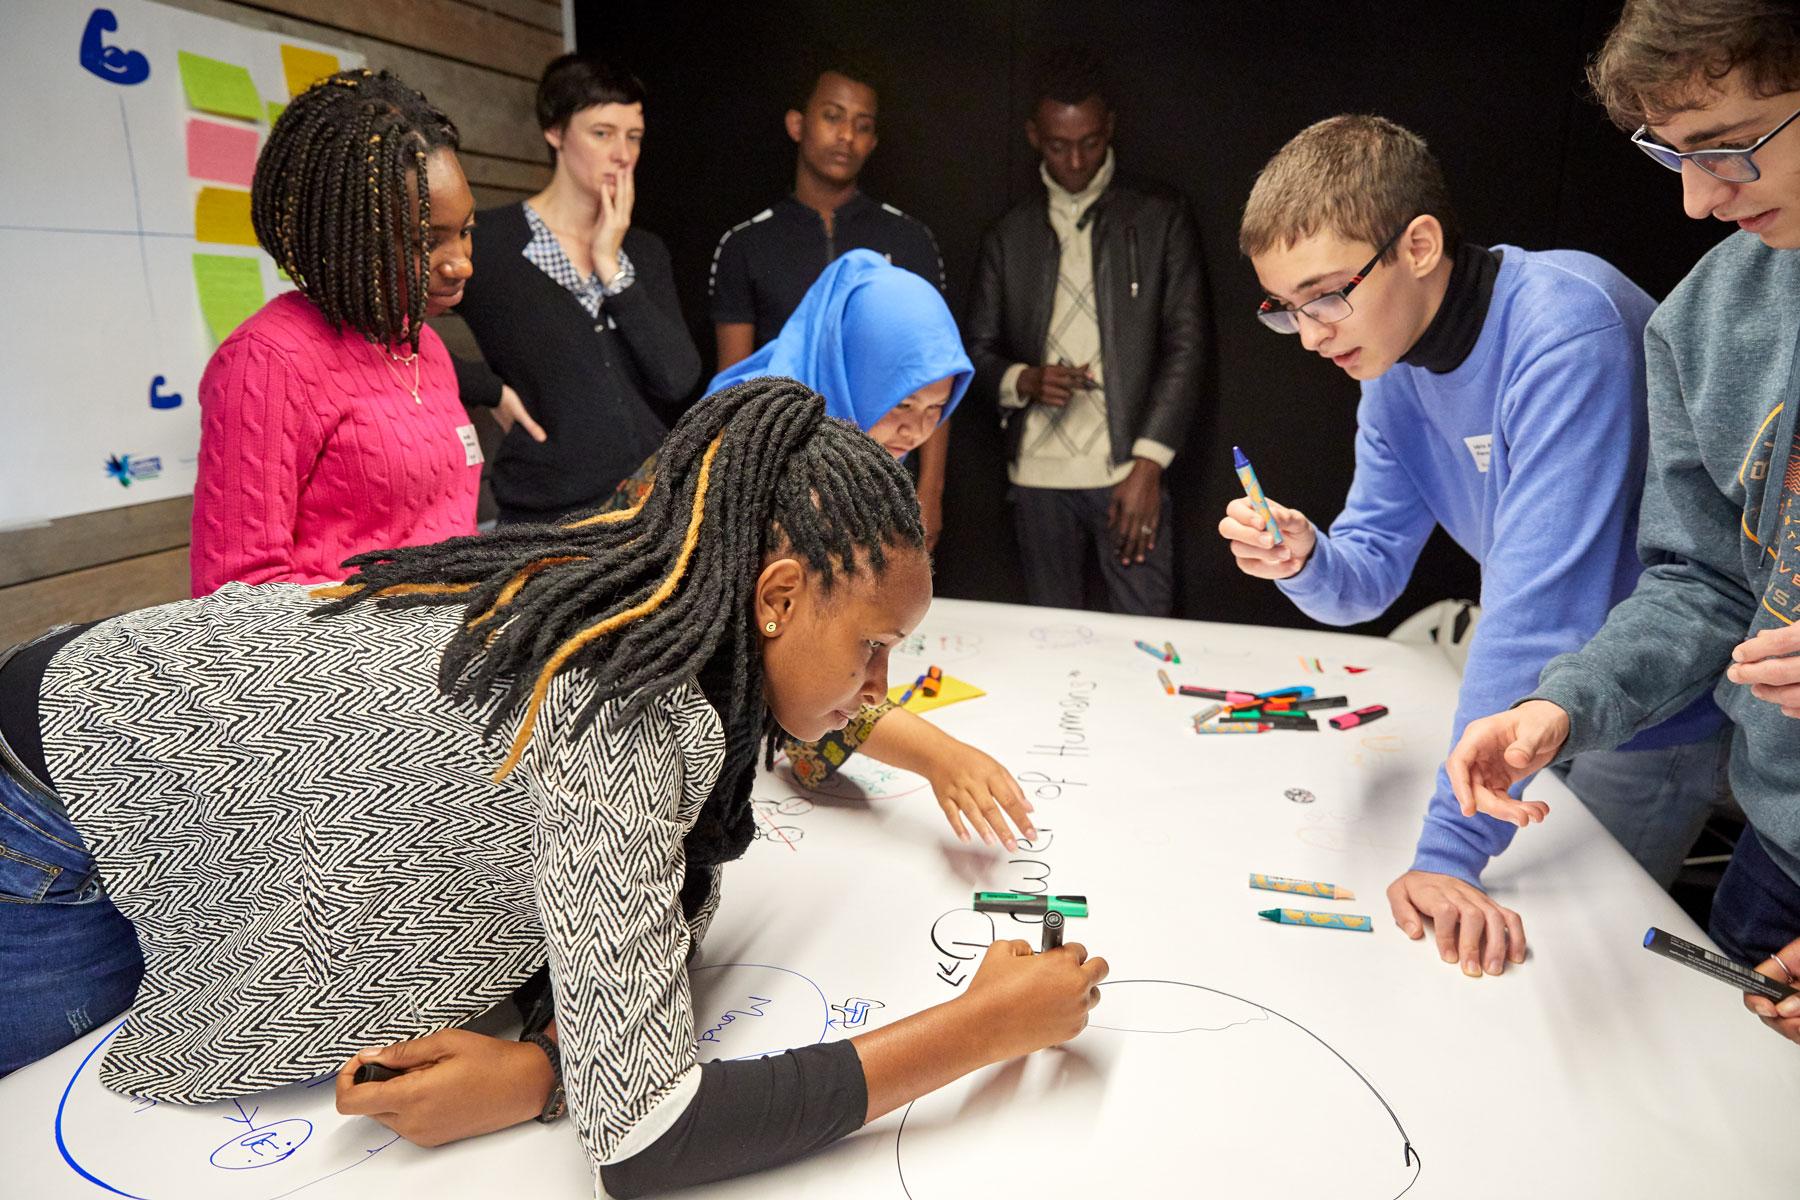 Des jeunes de différentes cultures dessinent leur rêve ensemble